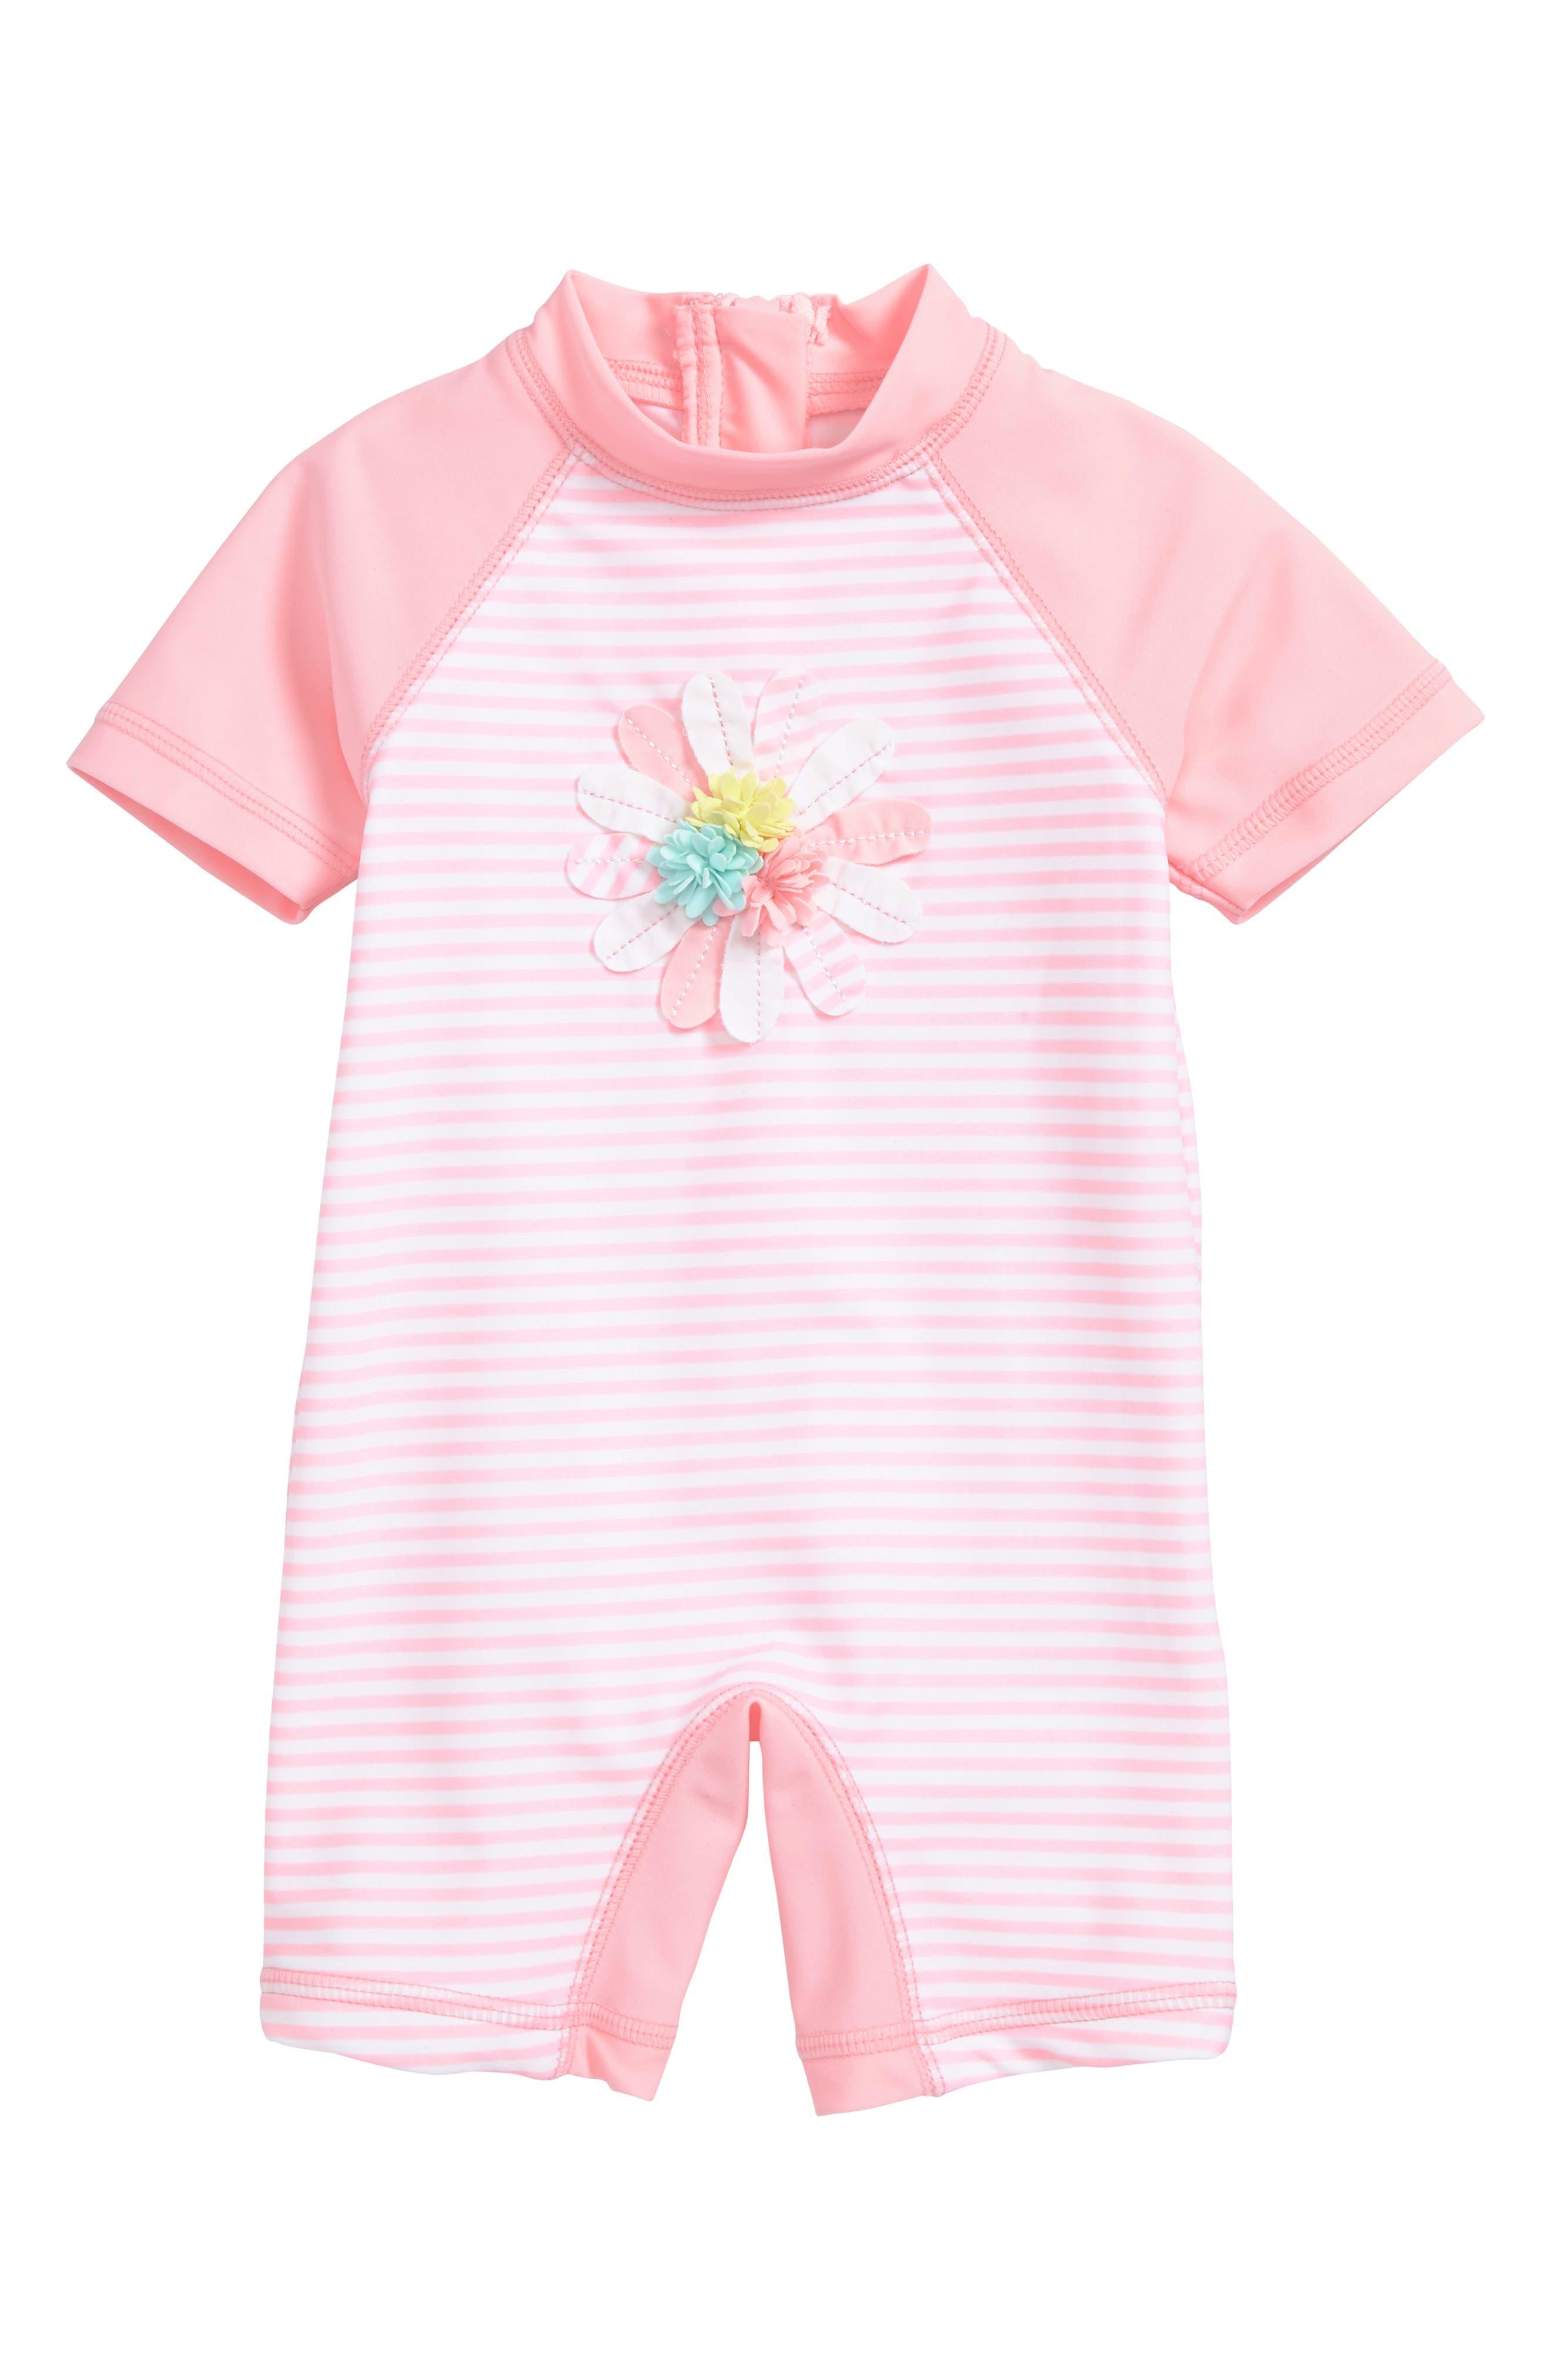 Main Image - Little Me Floral Appliqué One-Piece Rashguard Swimsuit (Baby Girls)